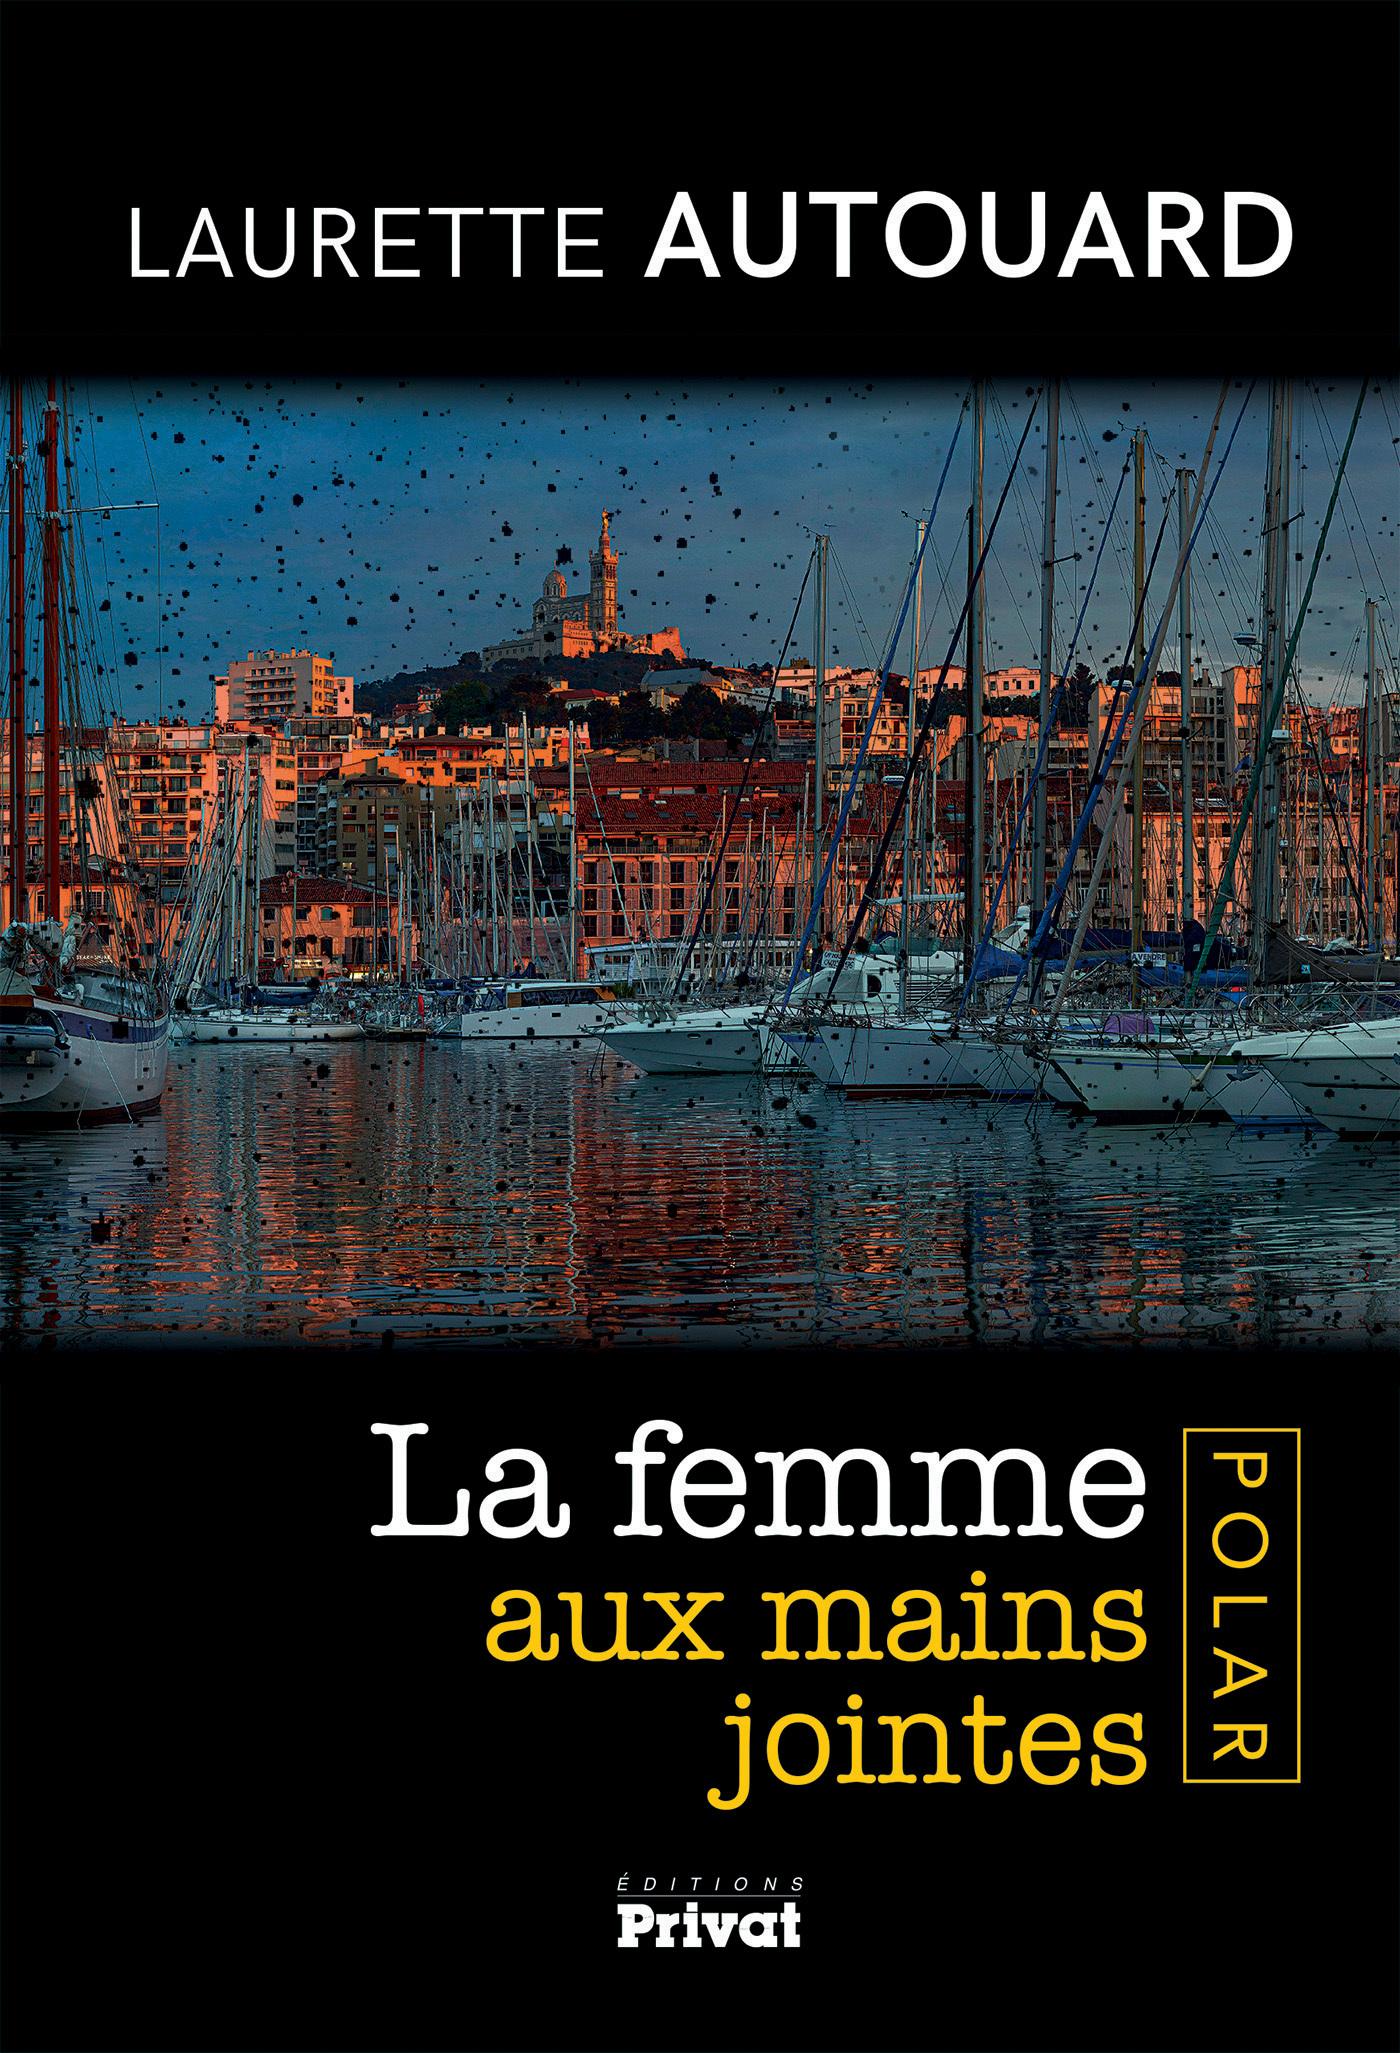 LA FEMME AUX MAINS JOINTES